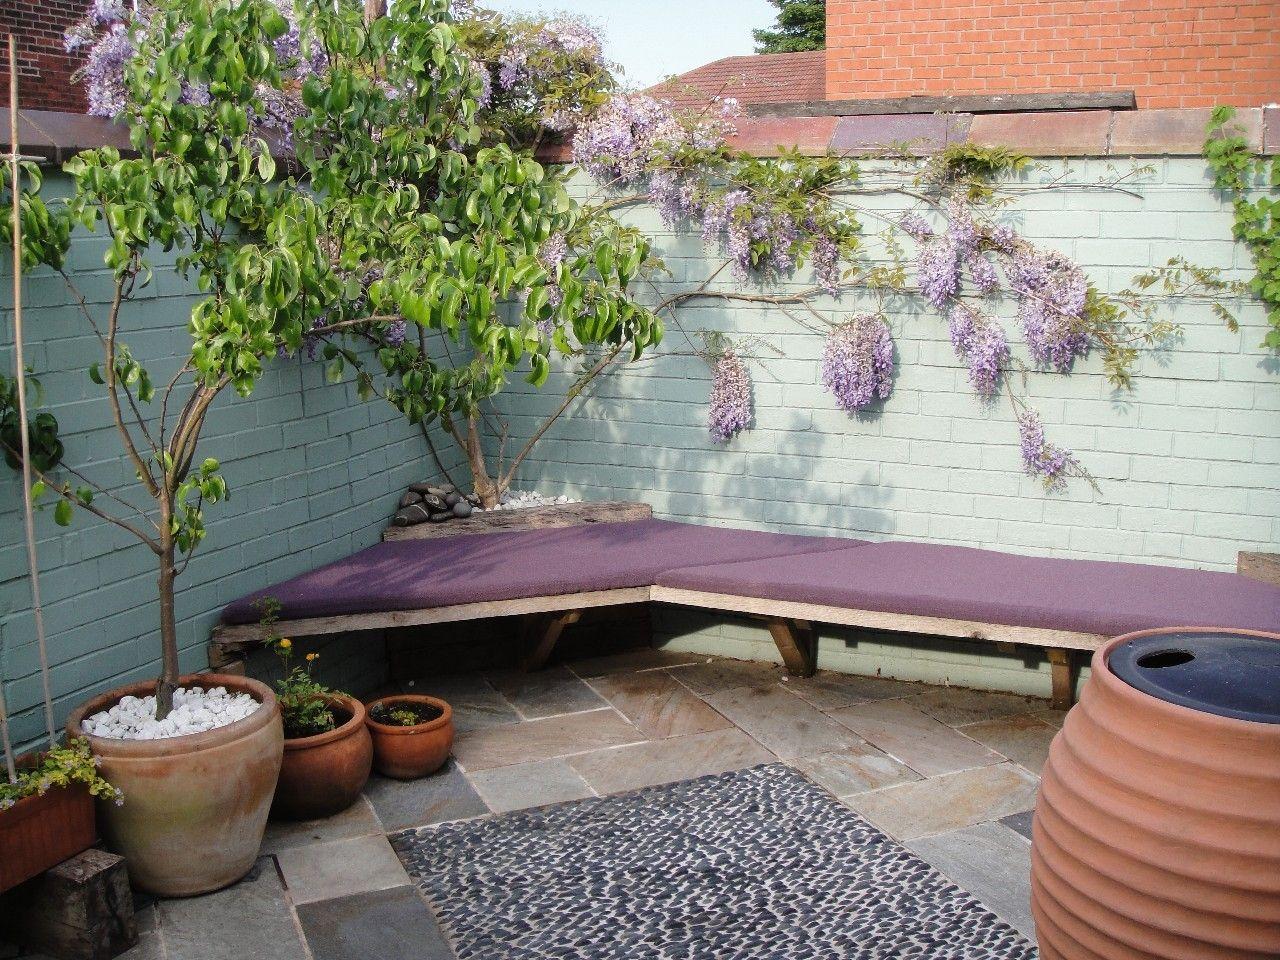 Comment Aménager Son Petit Jardin   Petits Jardins, Jardins intérieur Comment Aménager Un Petit Jardin